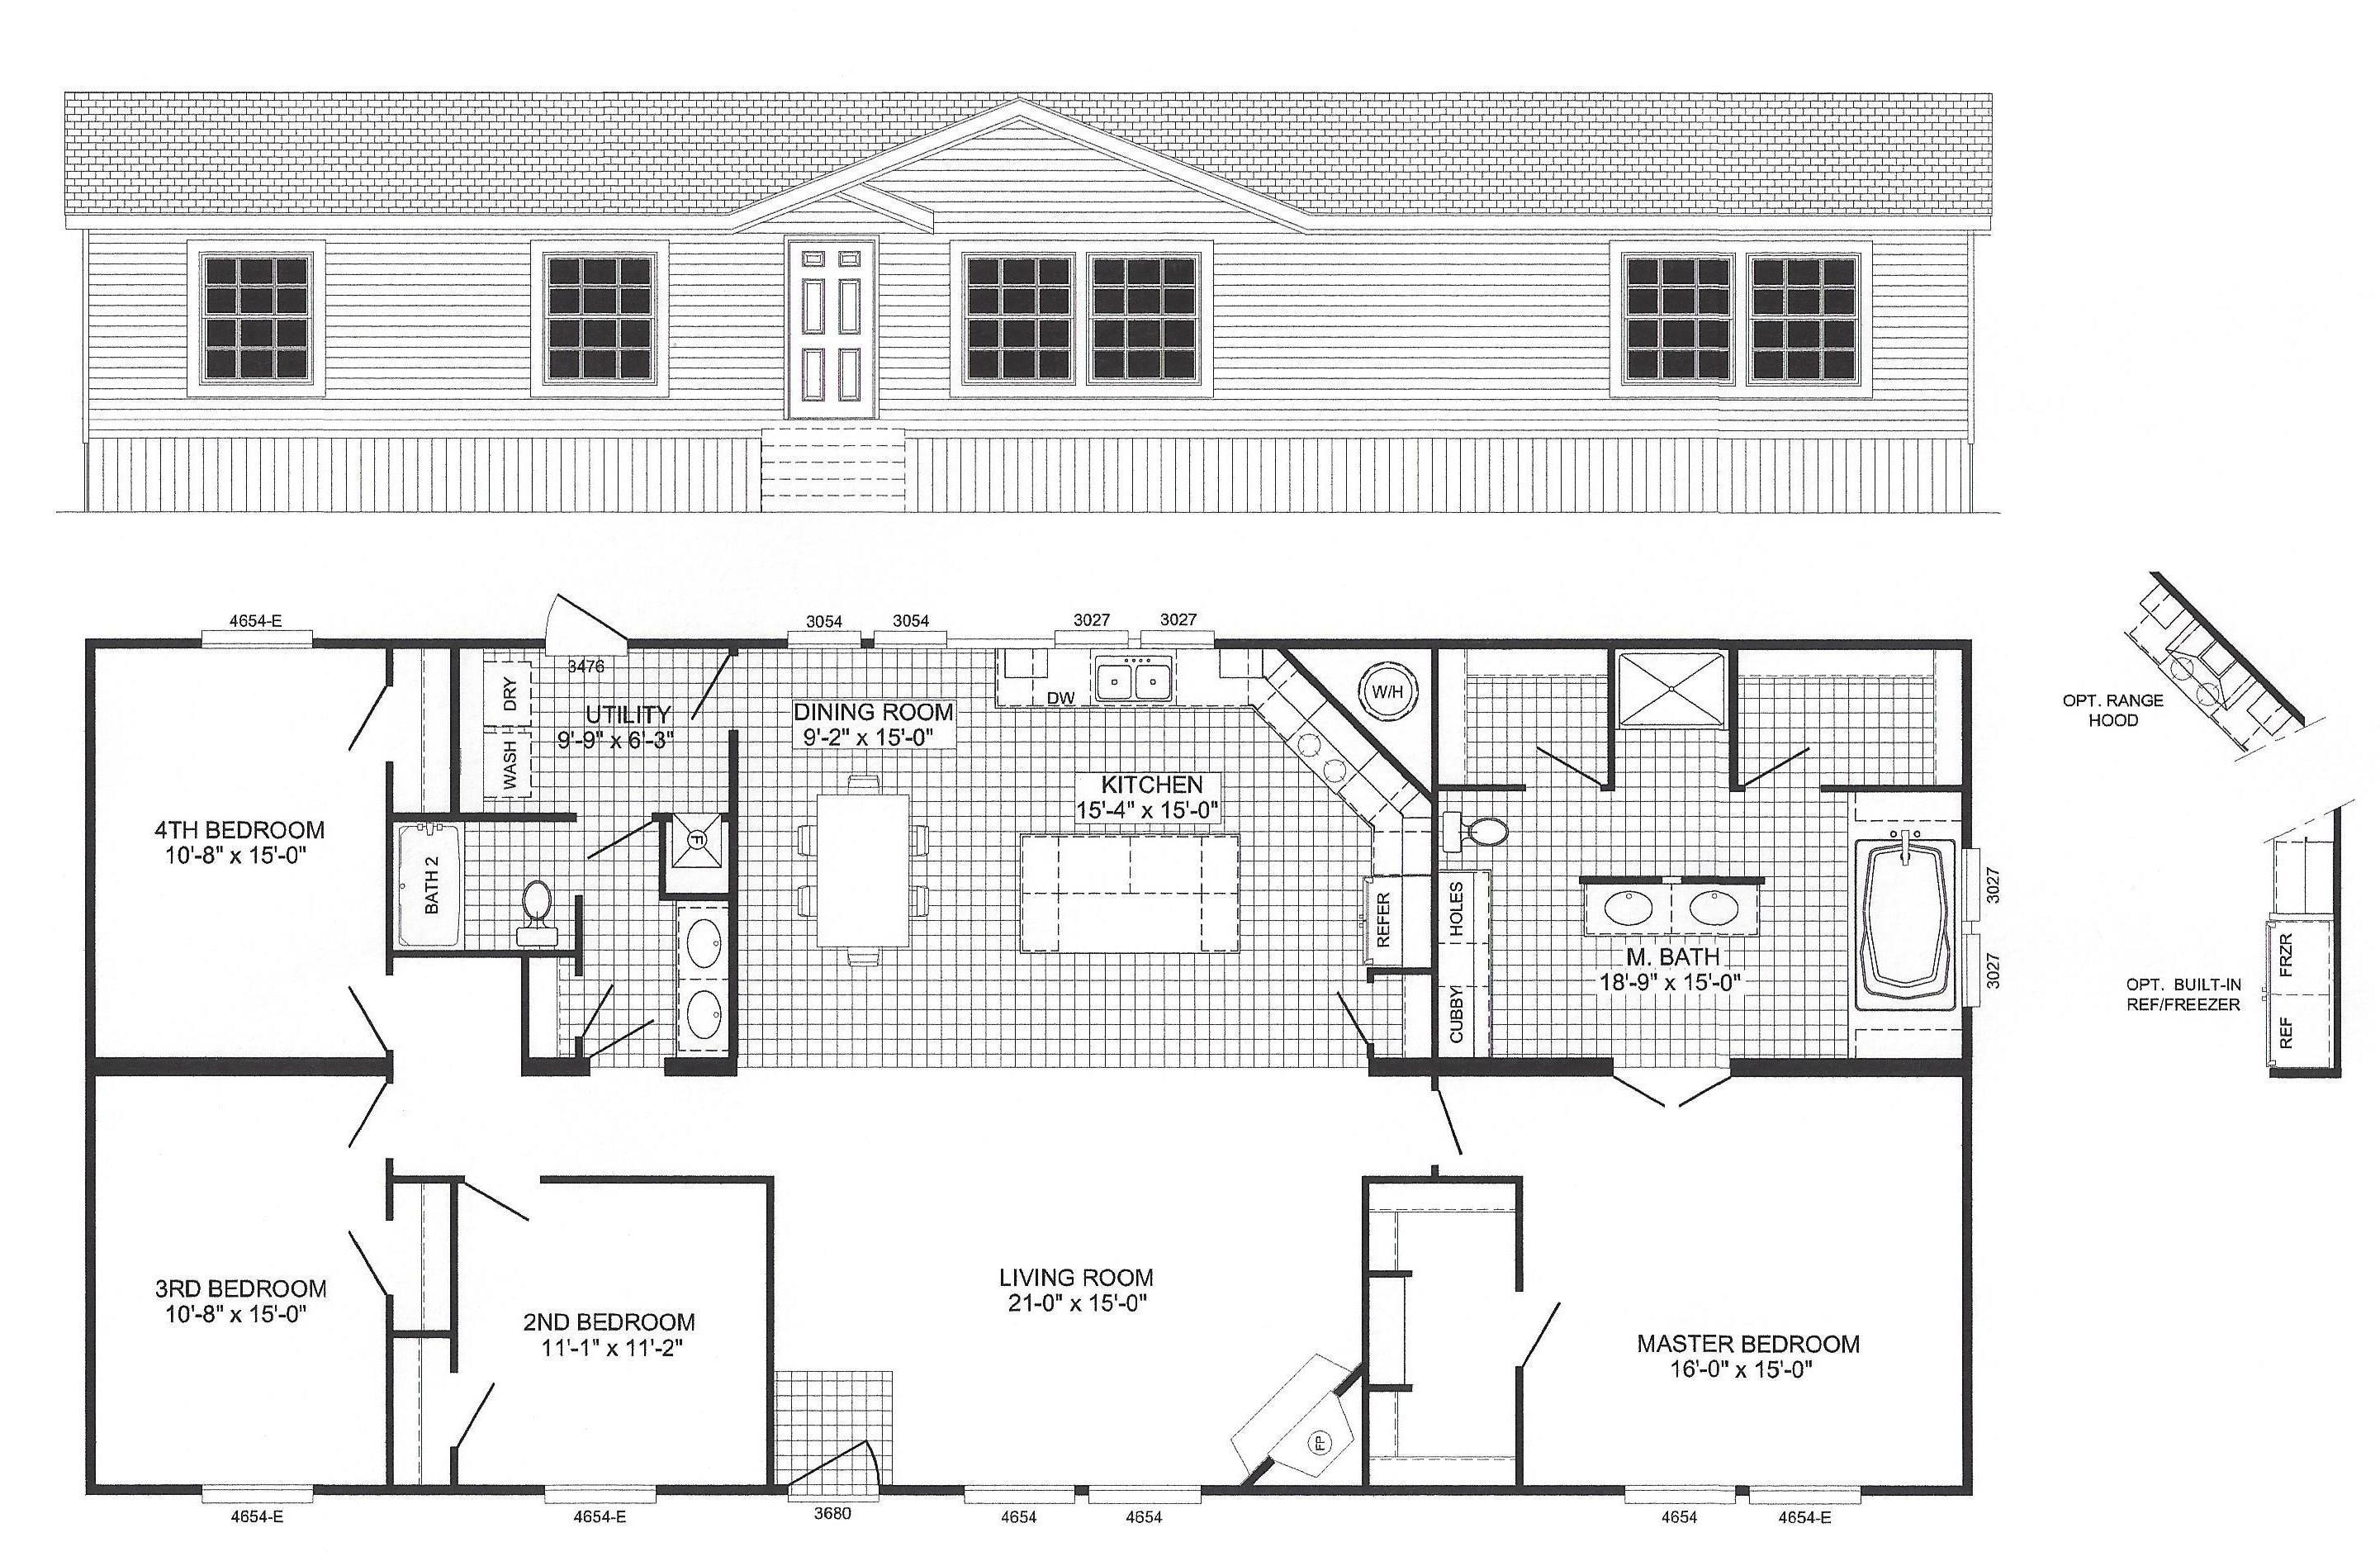 4 Bedroom Floor Plan B6012 Modular home floor plans